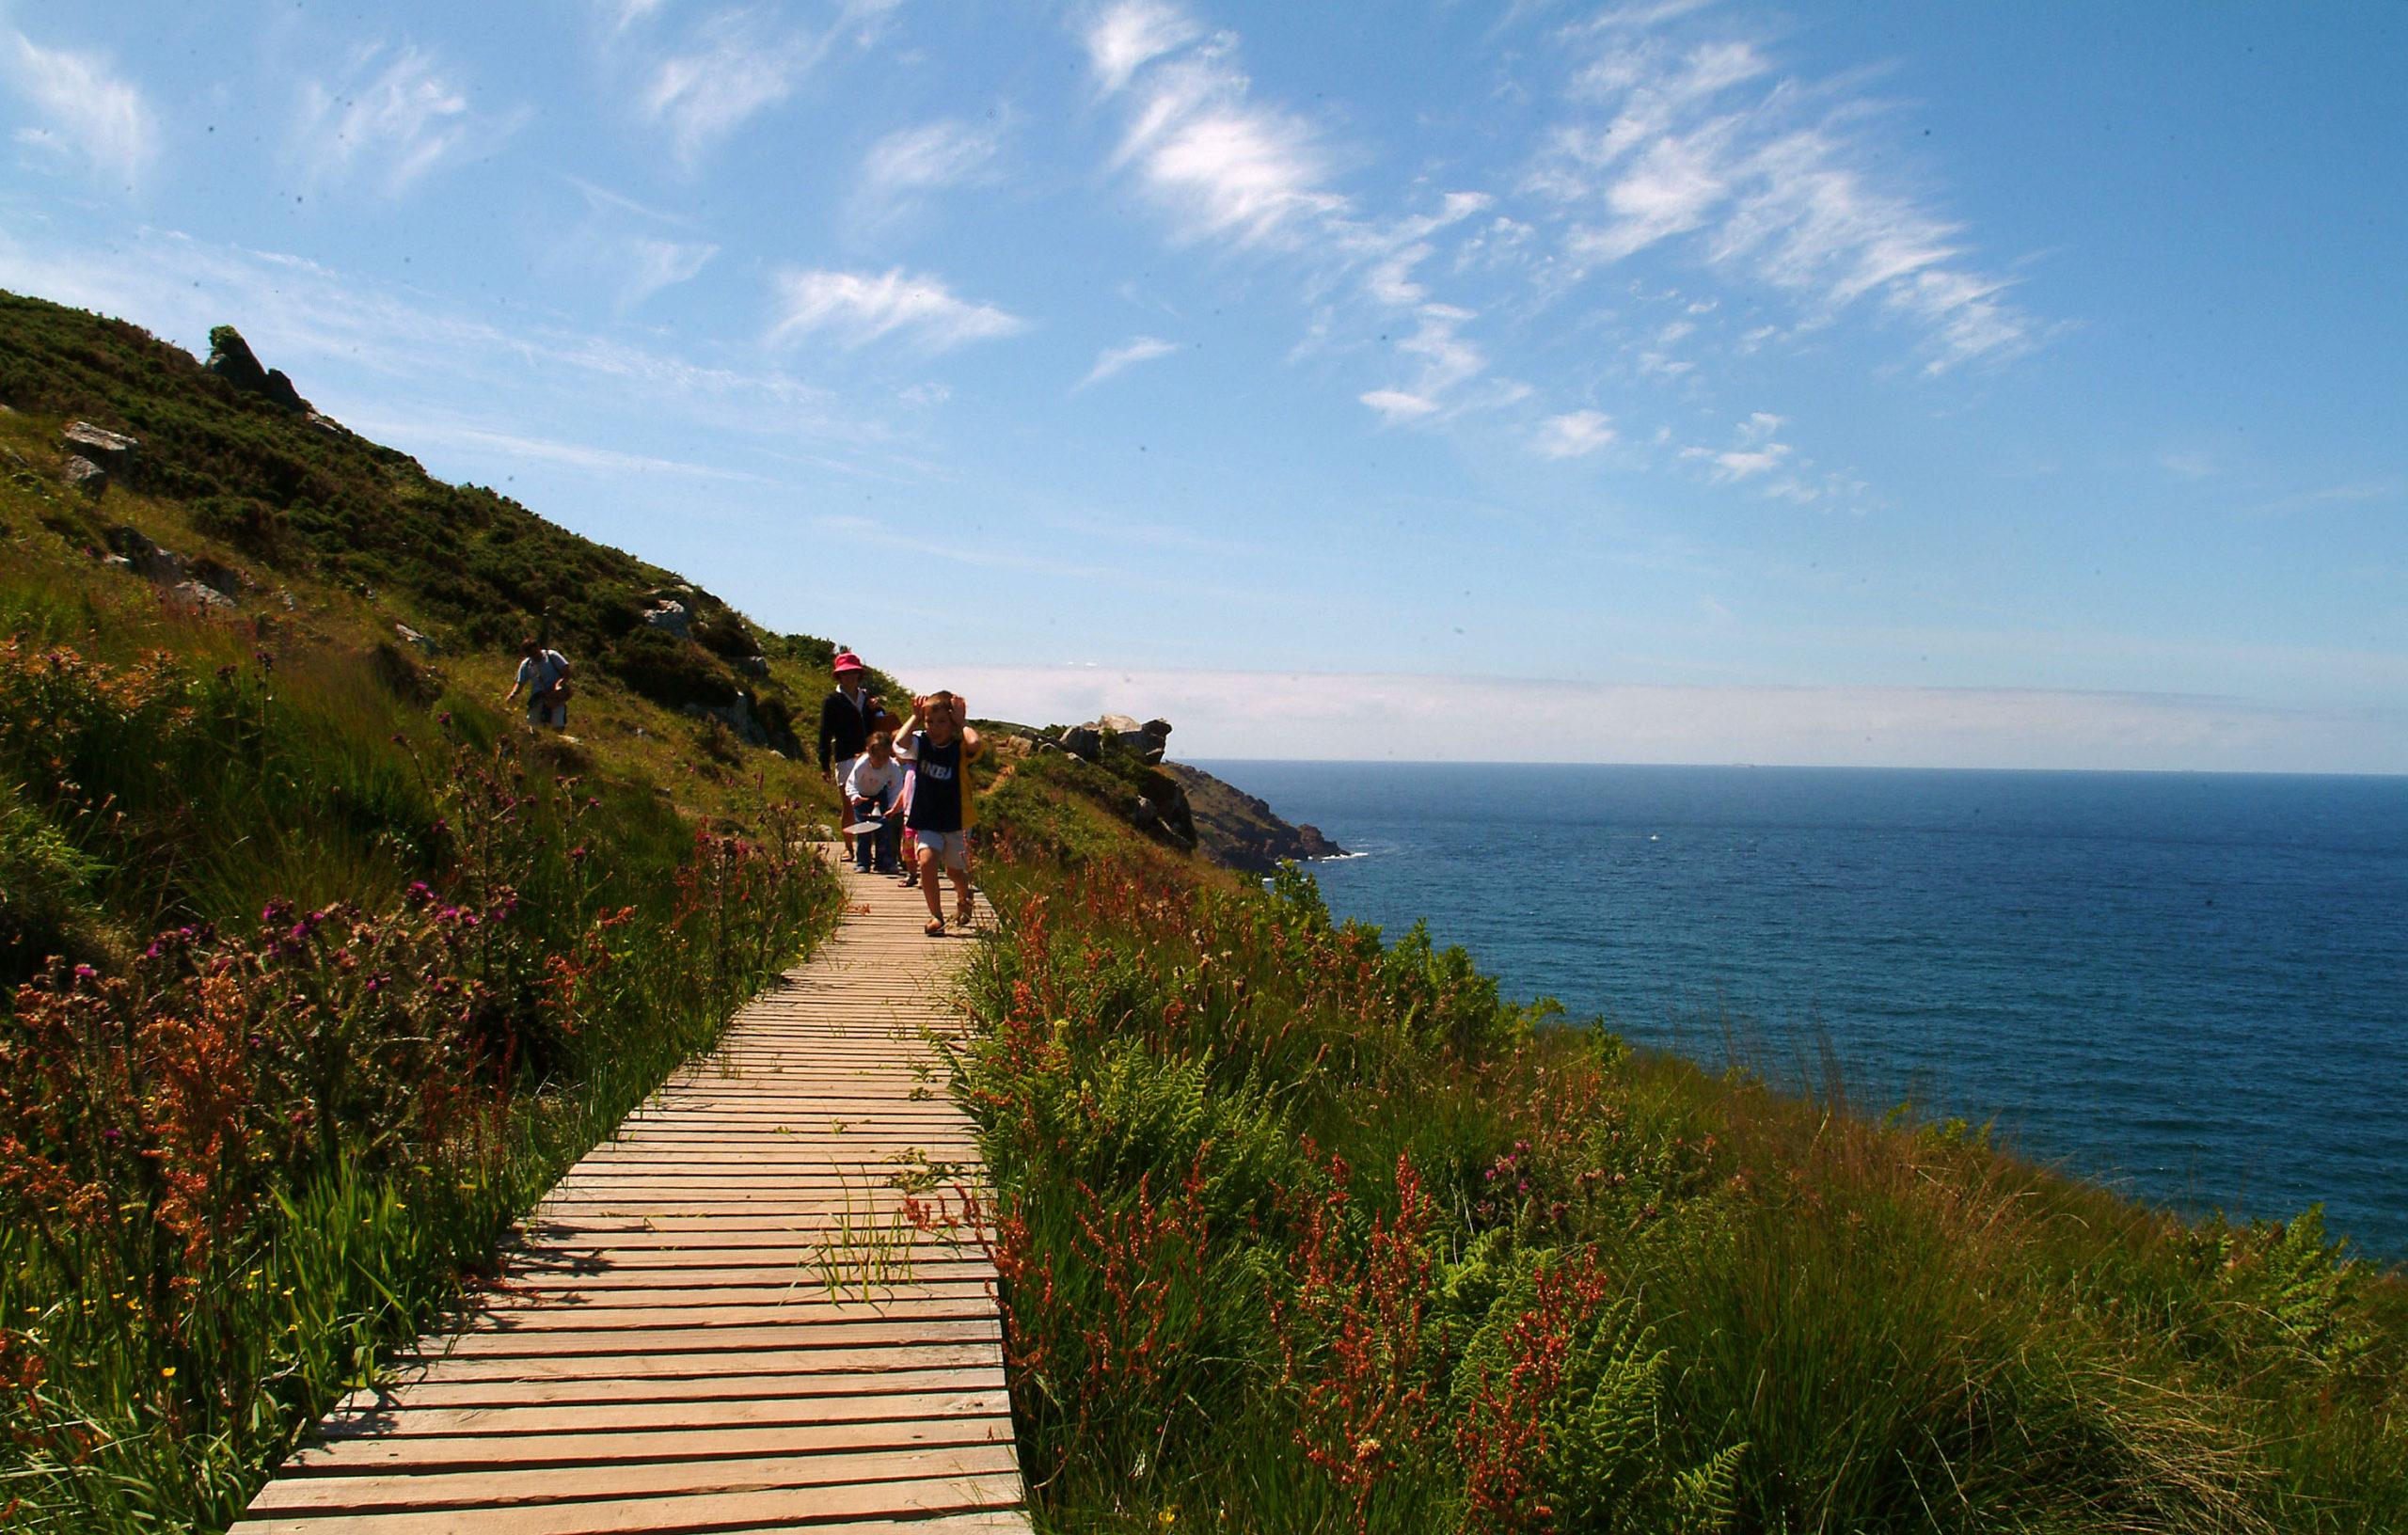 Trevalgan Farm - Coastal walks